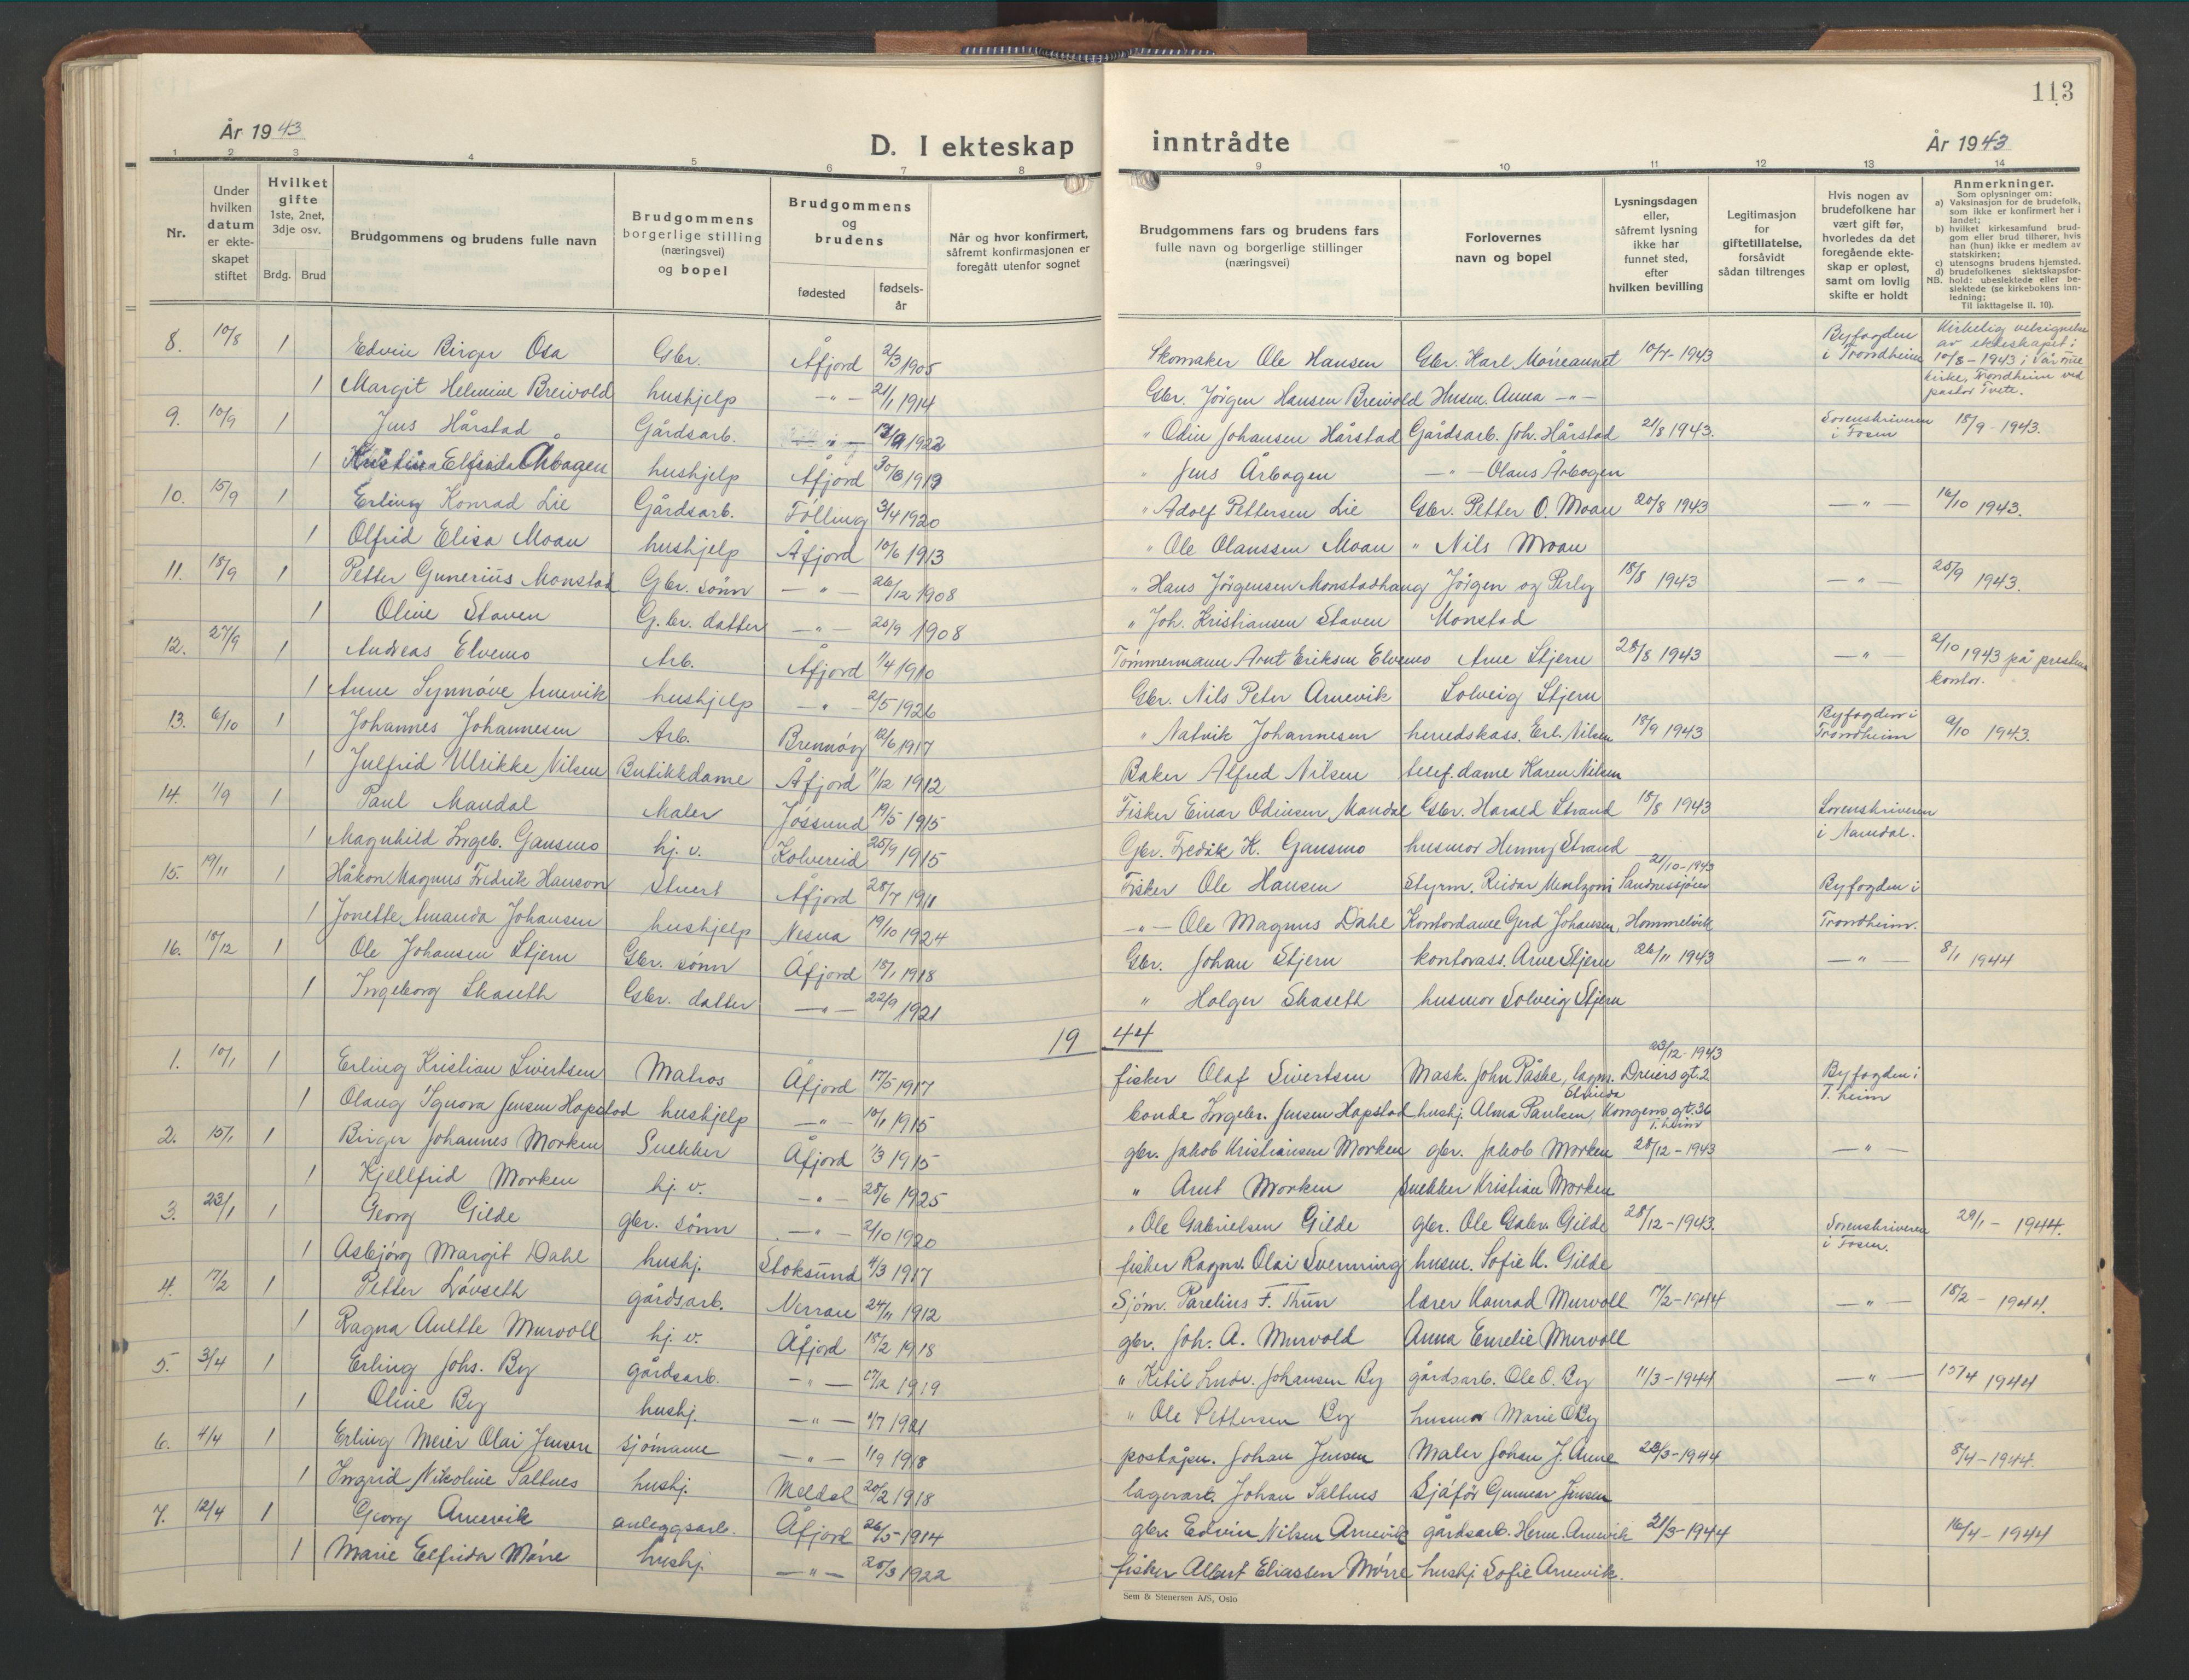 SAT, Ministerialprotokoller, klokkerbøker og fødselsregistre - Sør-Trøndelag, 655/L0690: Klokkerbok nr. 655C06, 1937-1950, s. 113